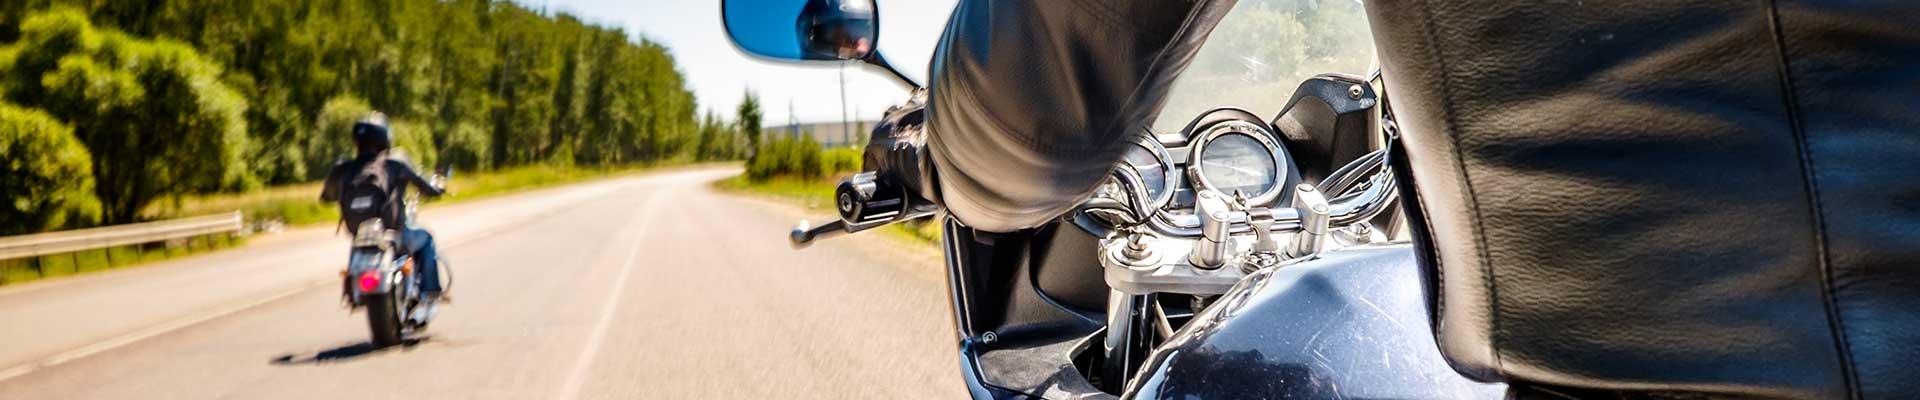 motorbike-insurance